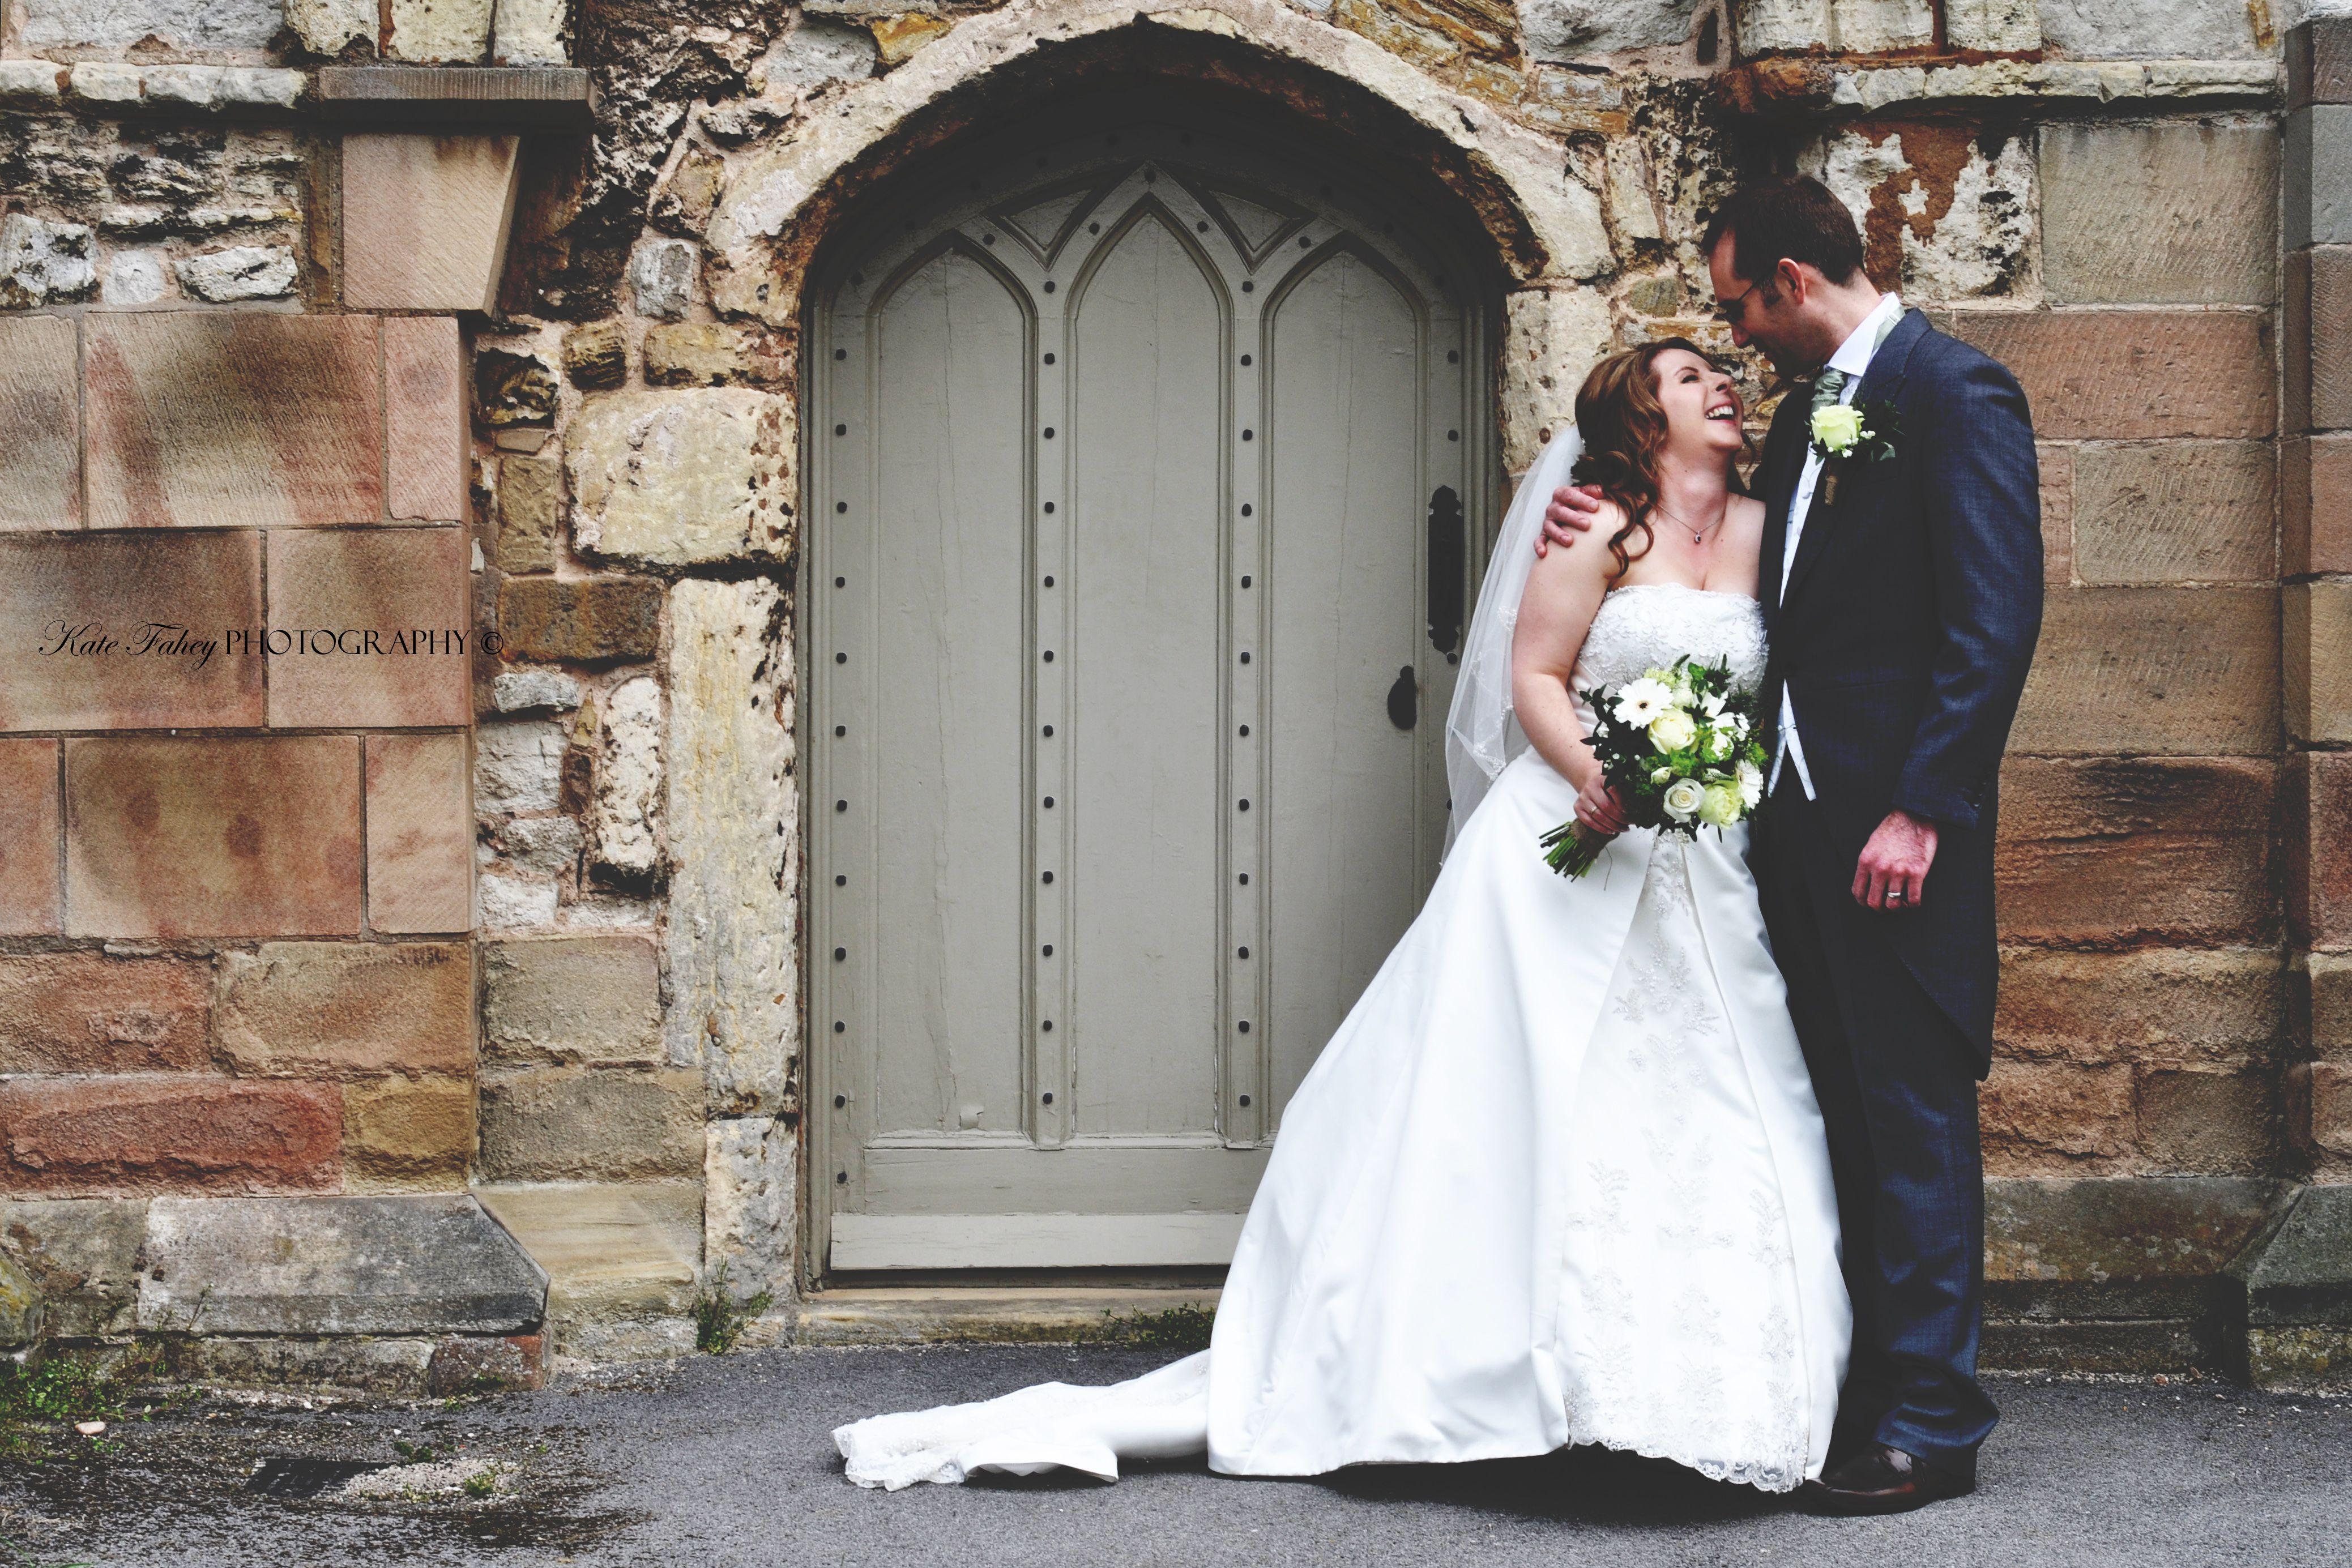 St nicholas church wedding in puglia wedding in puglia pinterest